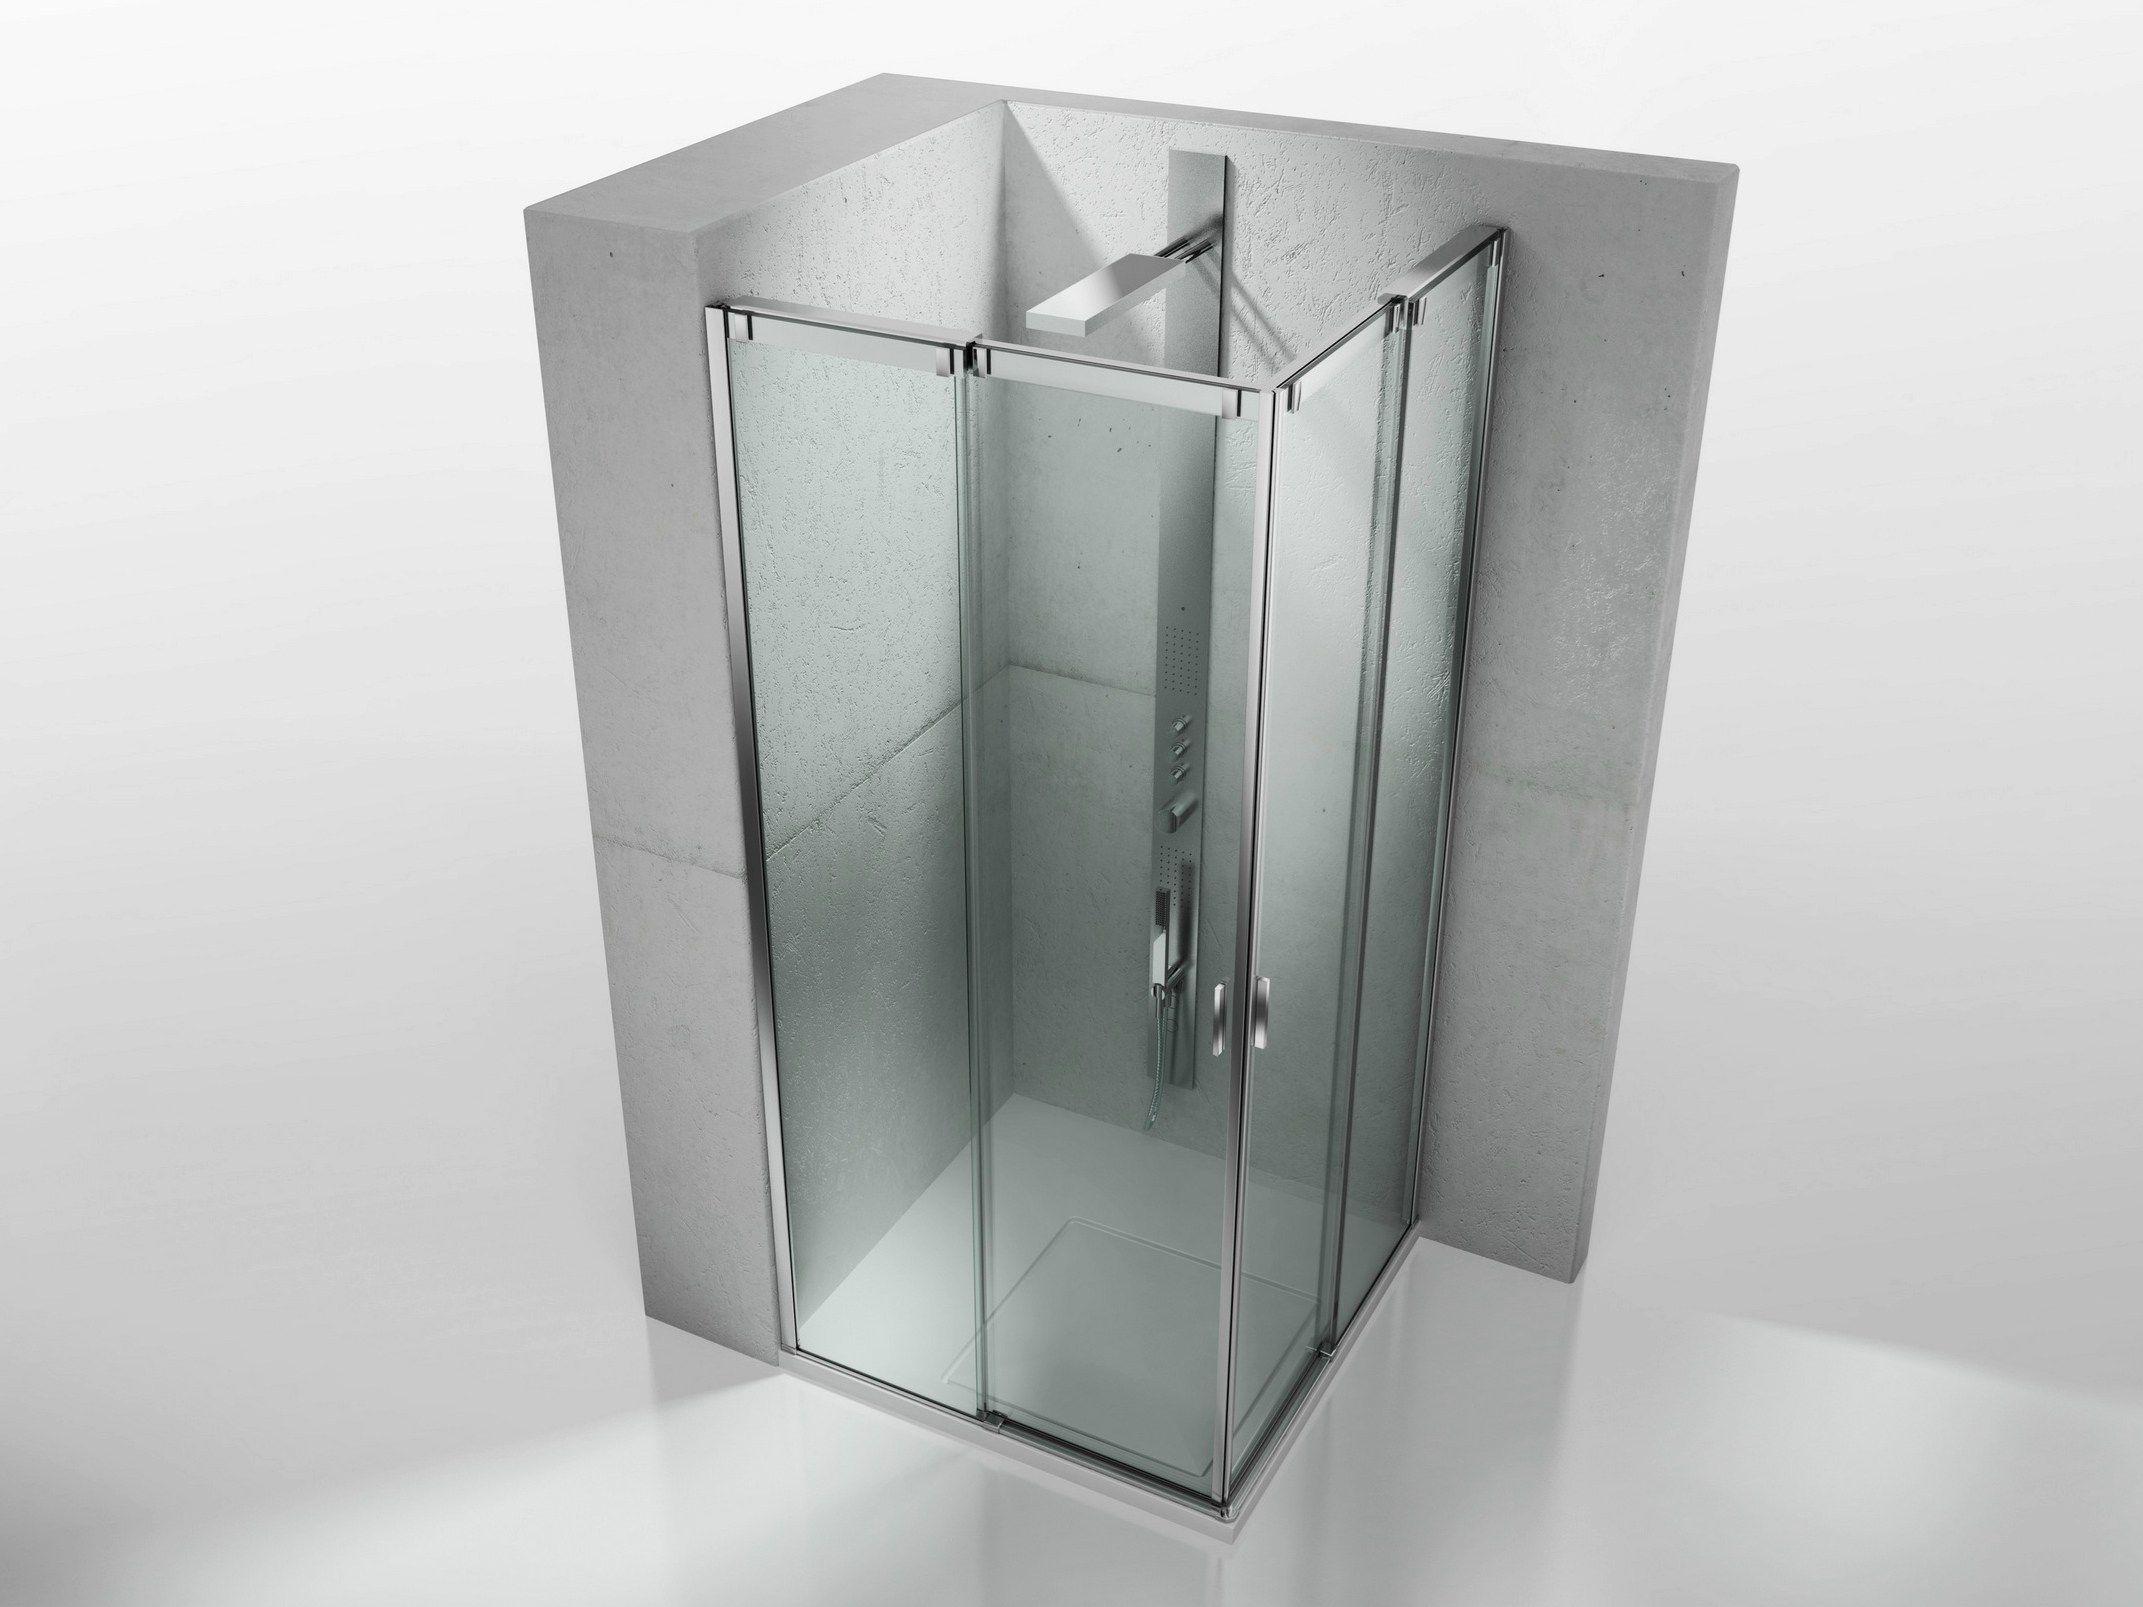 Porte de douche coulissante fabrik verre transparent of - Poignee porte de douche ...